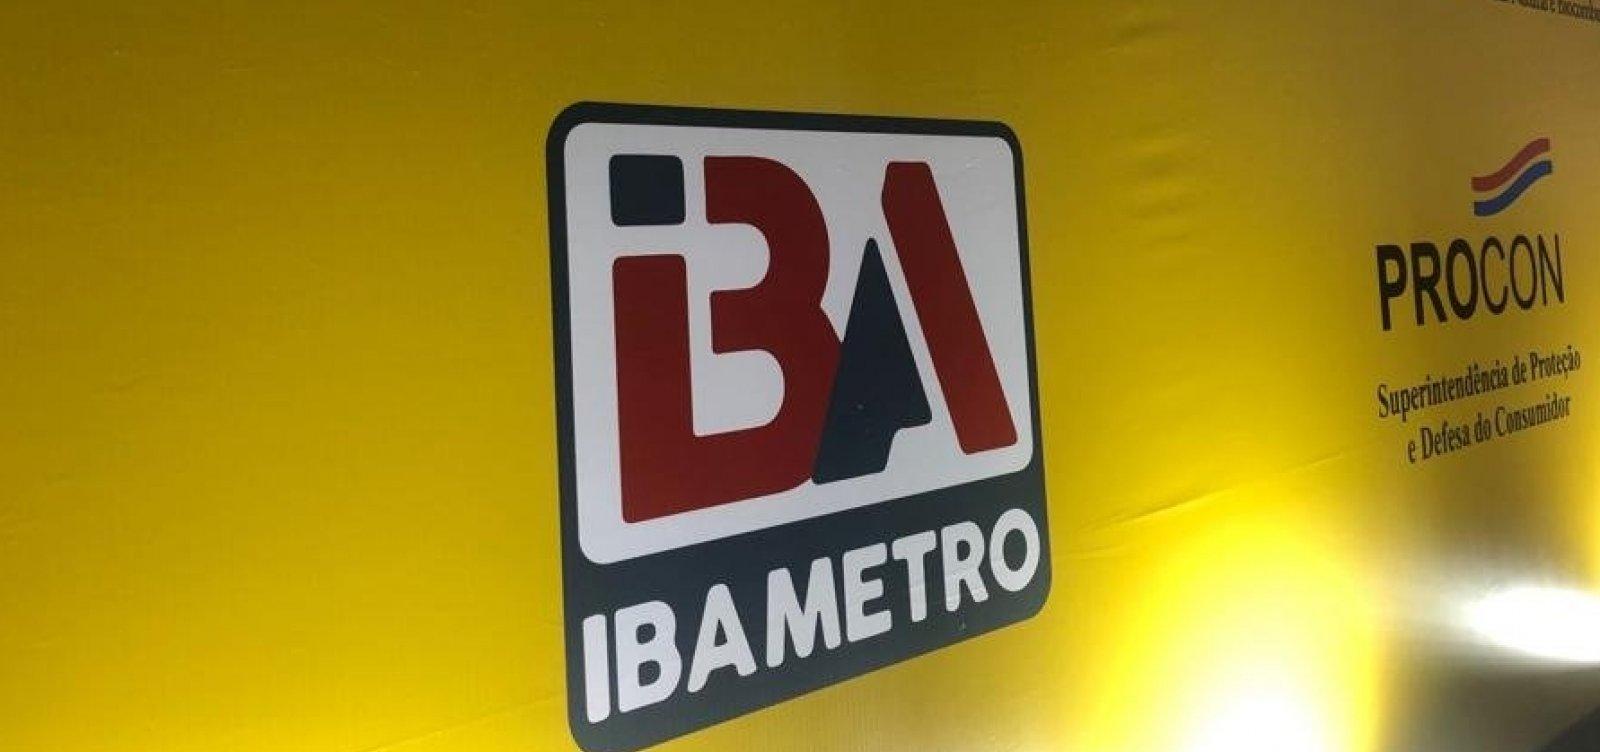 Ibametro passa a fiscalizar fraude eletrônica em bomba de combustível